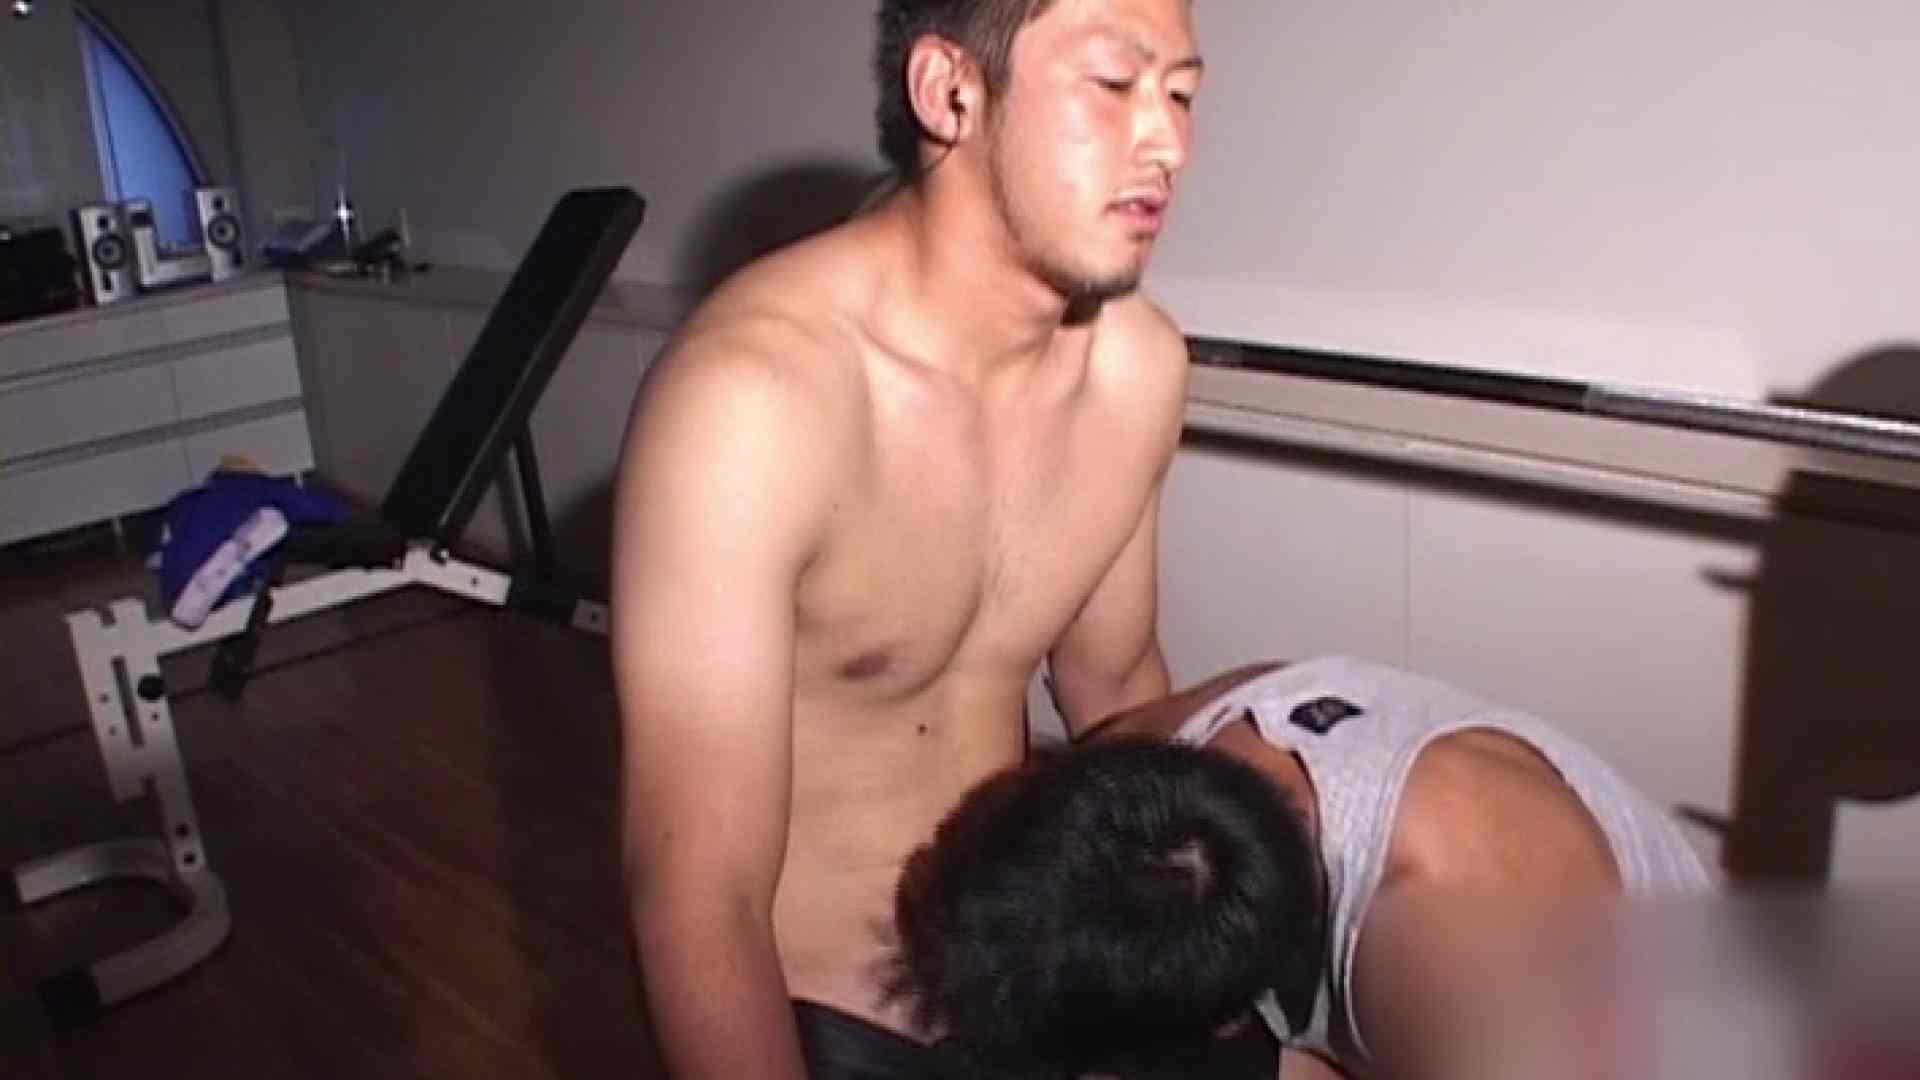 珍肉も筋肉の内!!vol.1 フェラ天国 ゲイ無修正画像 66pic 37